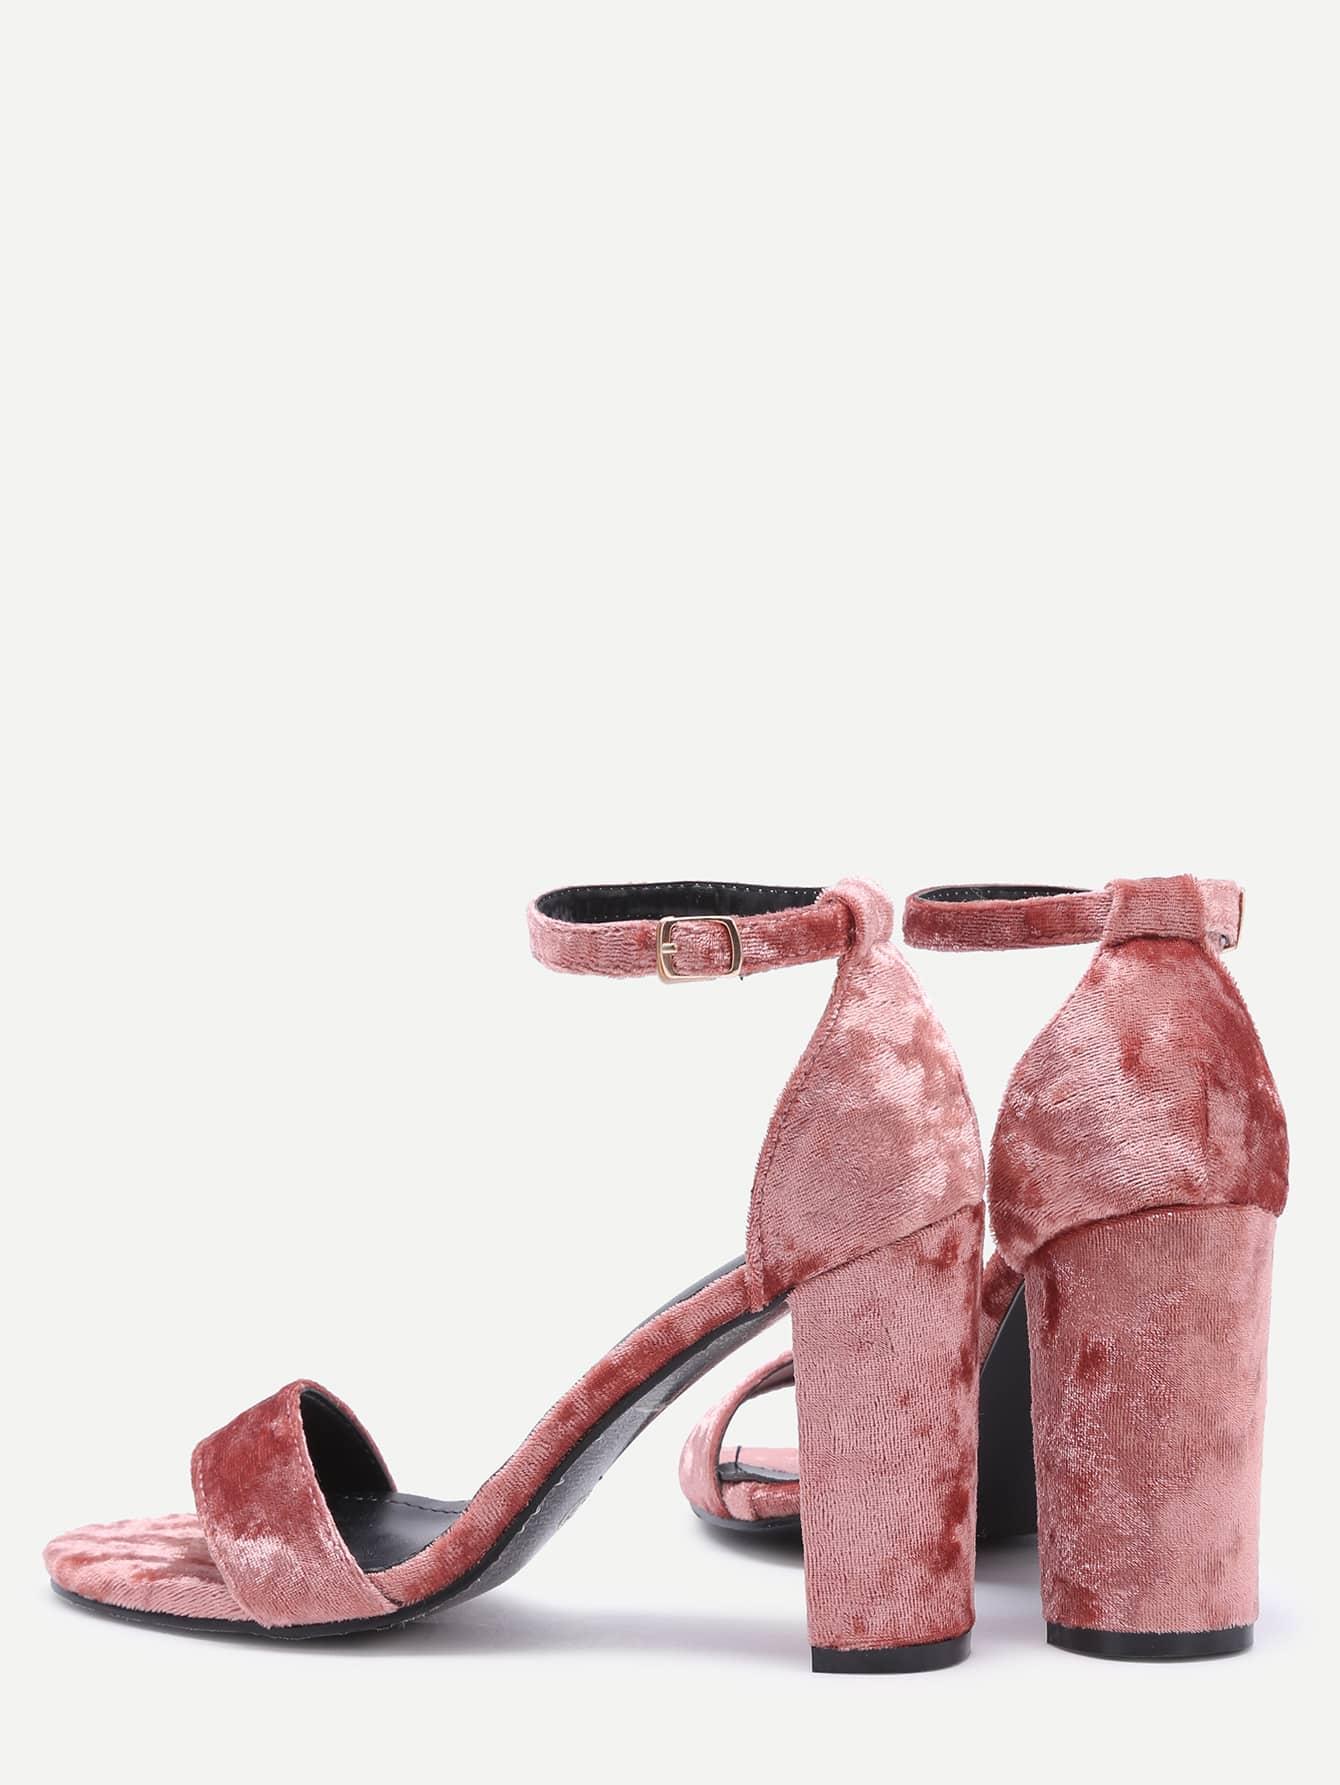 shoes161102803_2